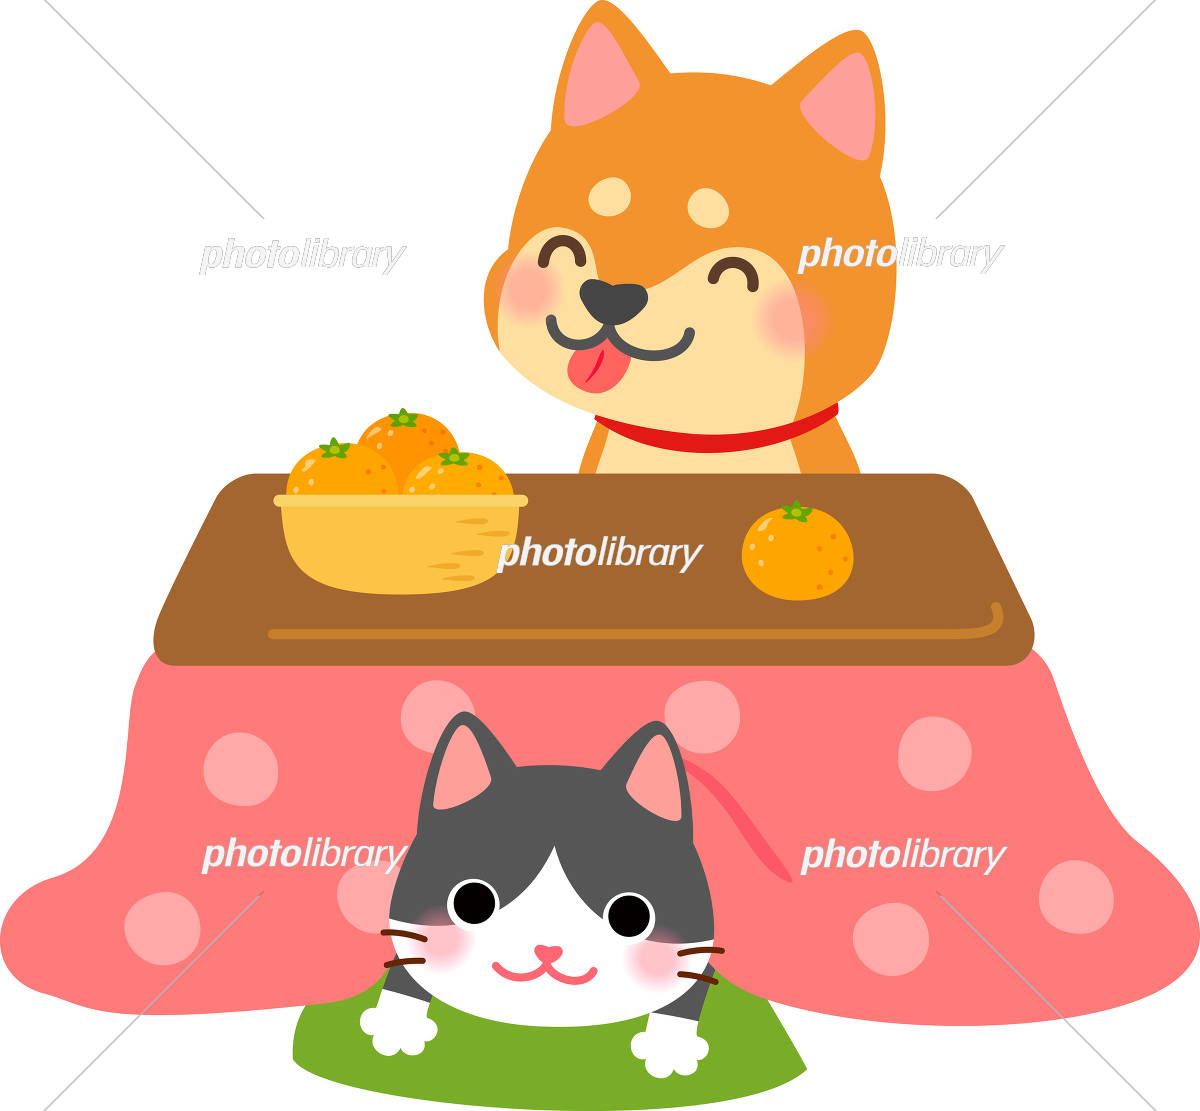 こたつに入る犬と猫 イラスト素材 5289370 フォトライブラリー